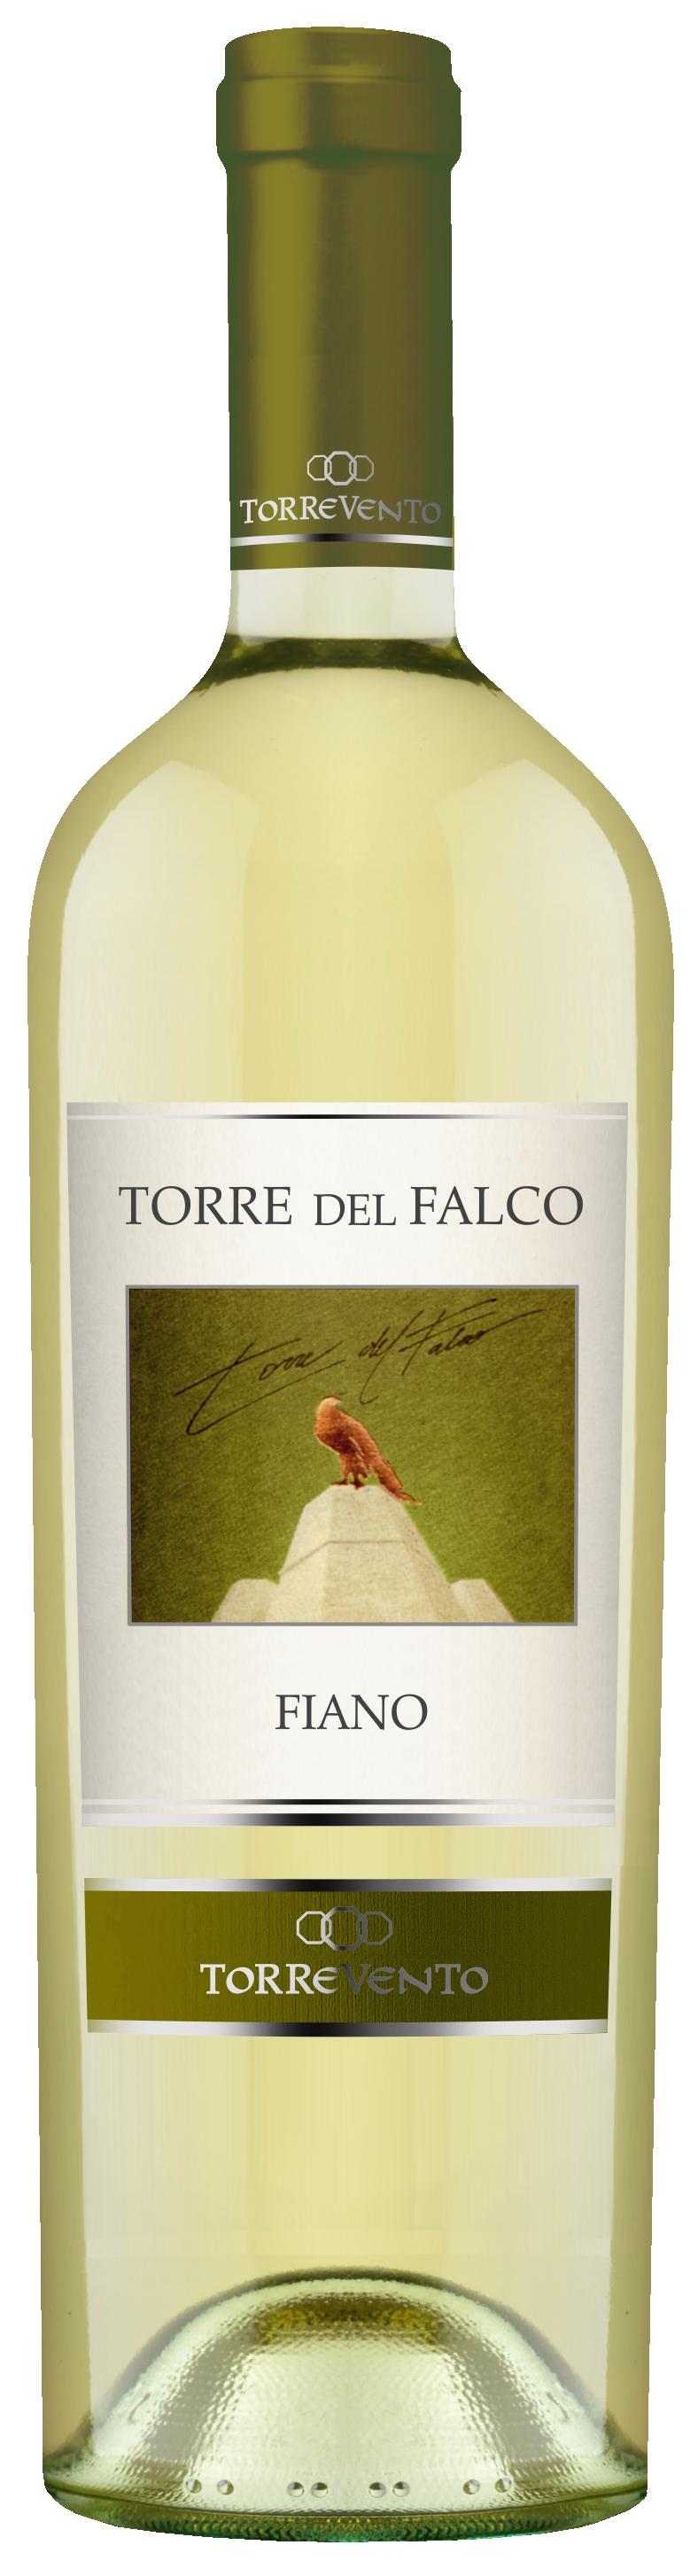 Torre-del-Falco-Fiano